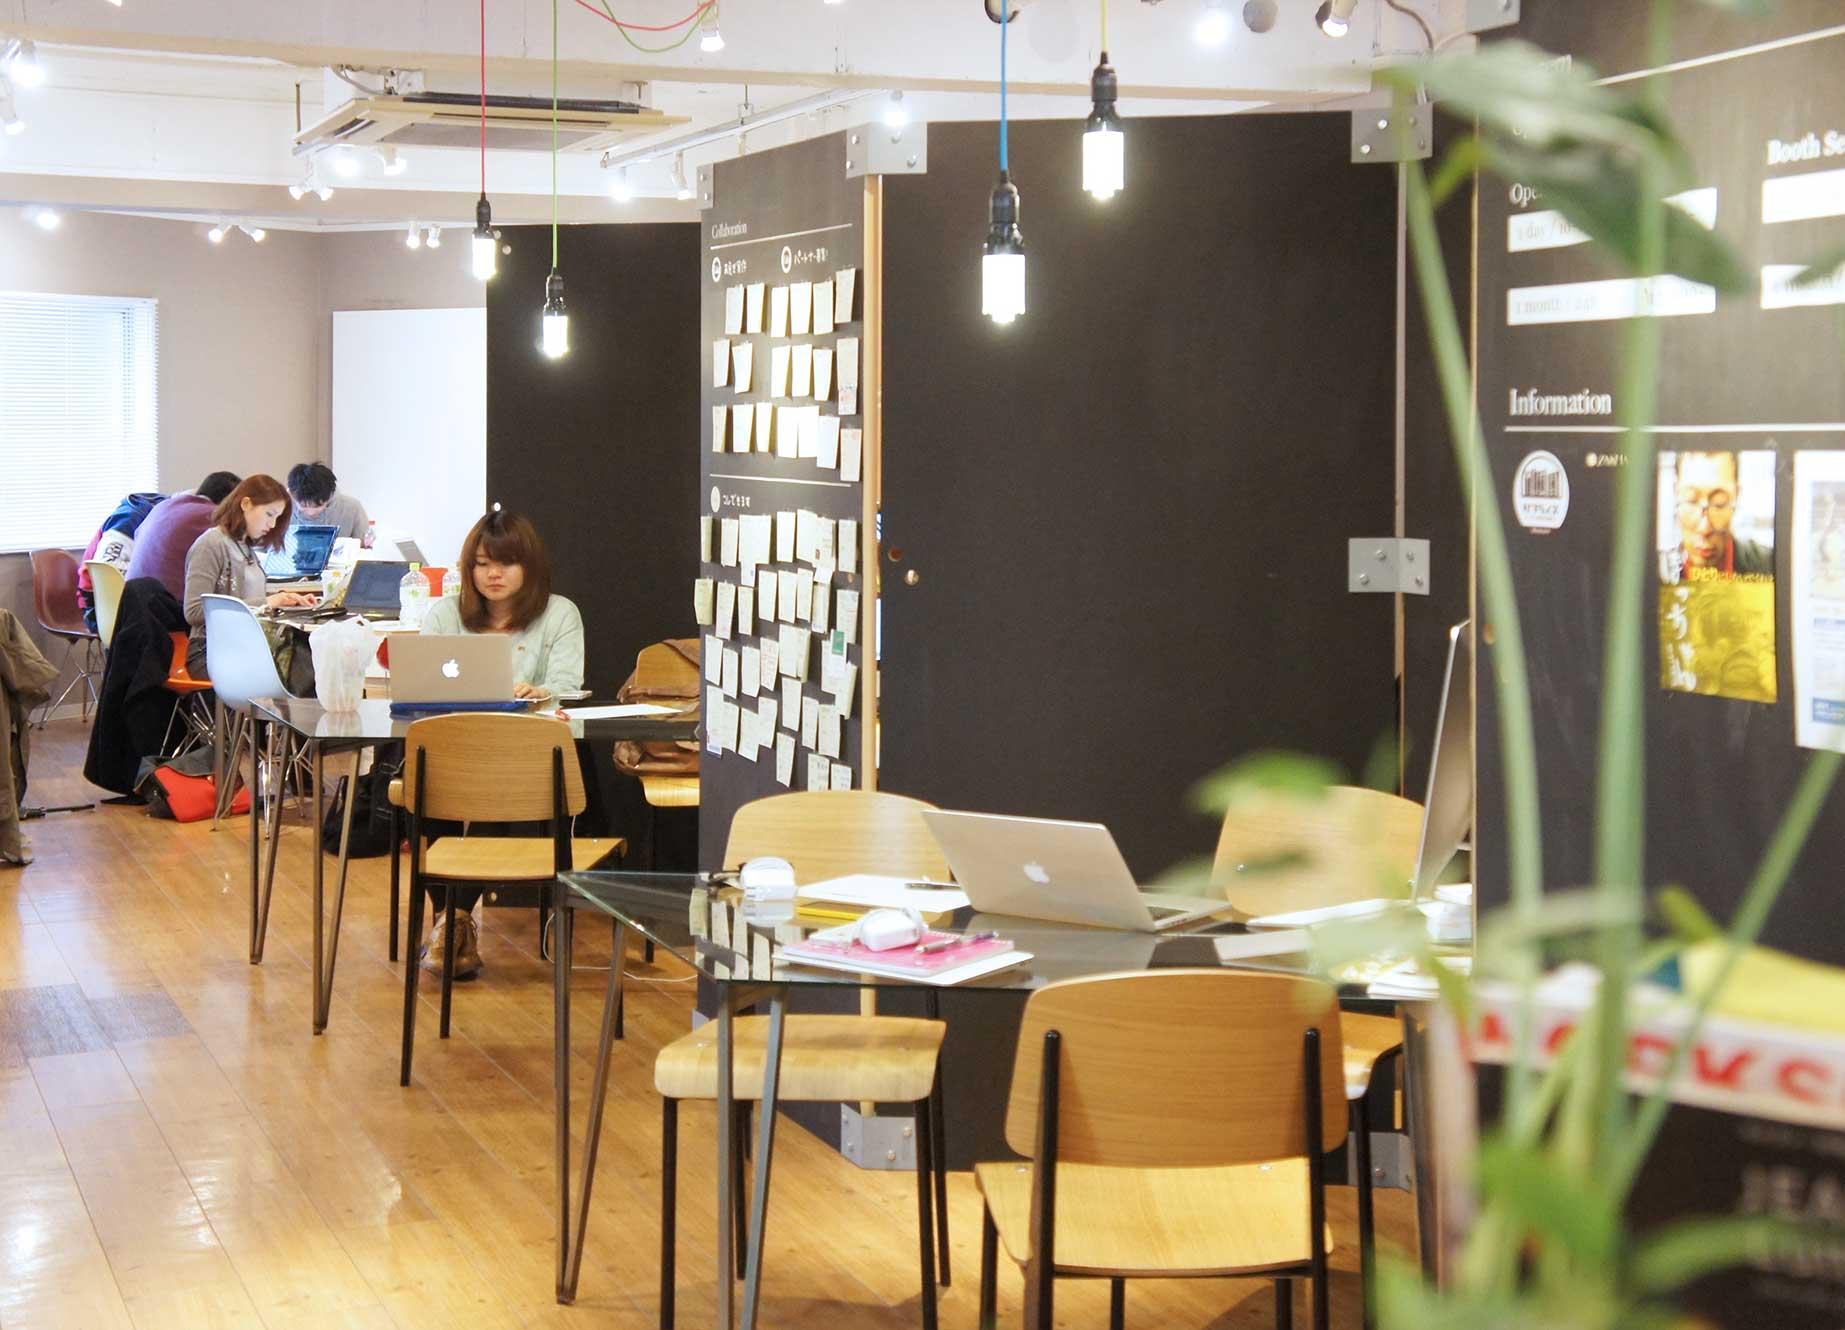 渋谷 シェアオフィス x コワーキング   Connecting The Dots SHIBUYA 6階ガラステーブル席